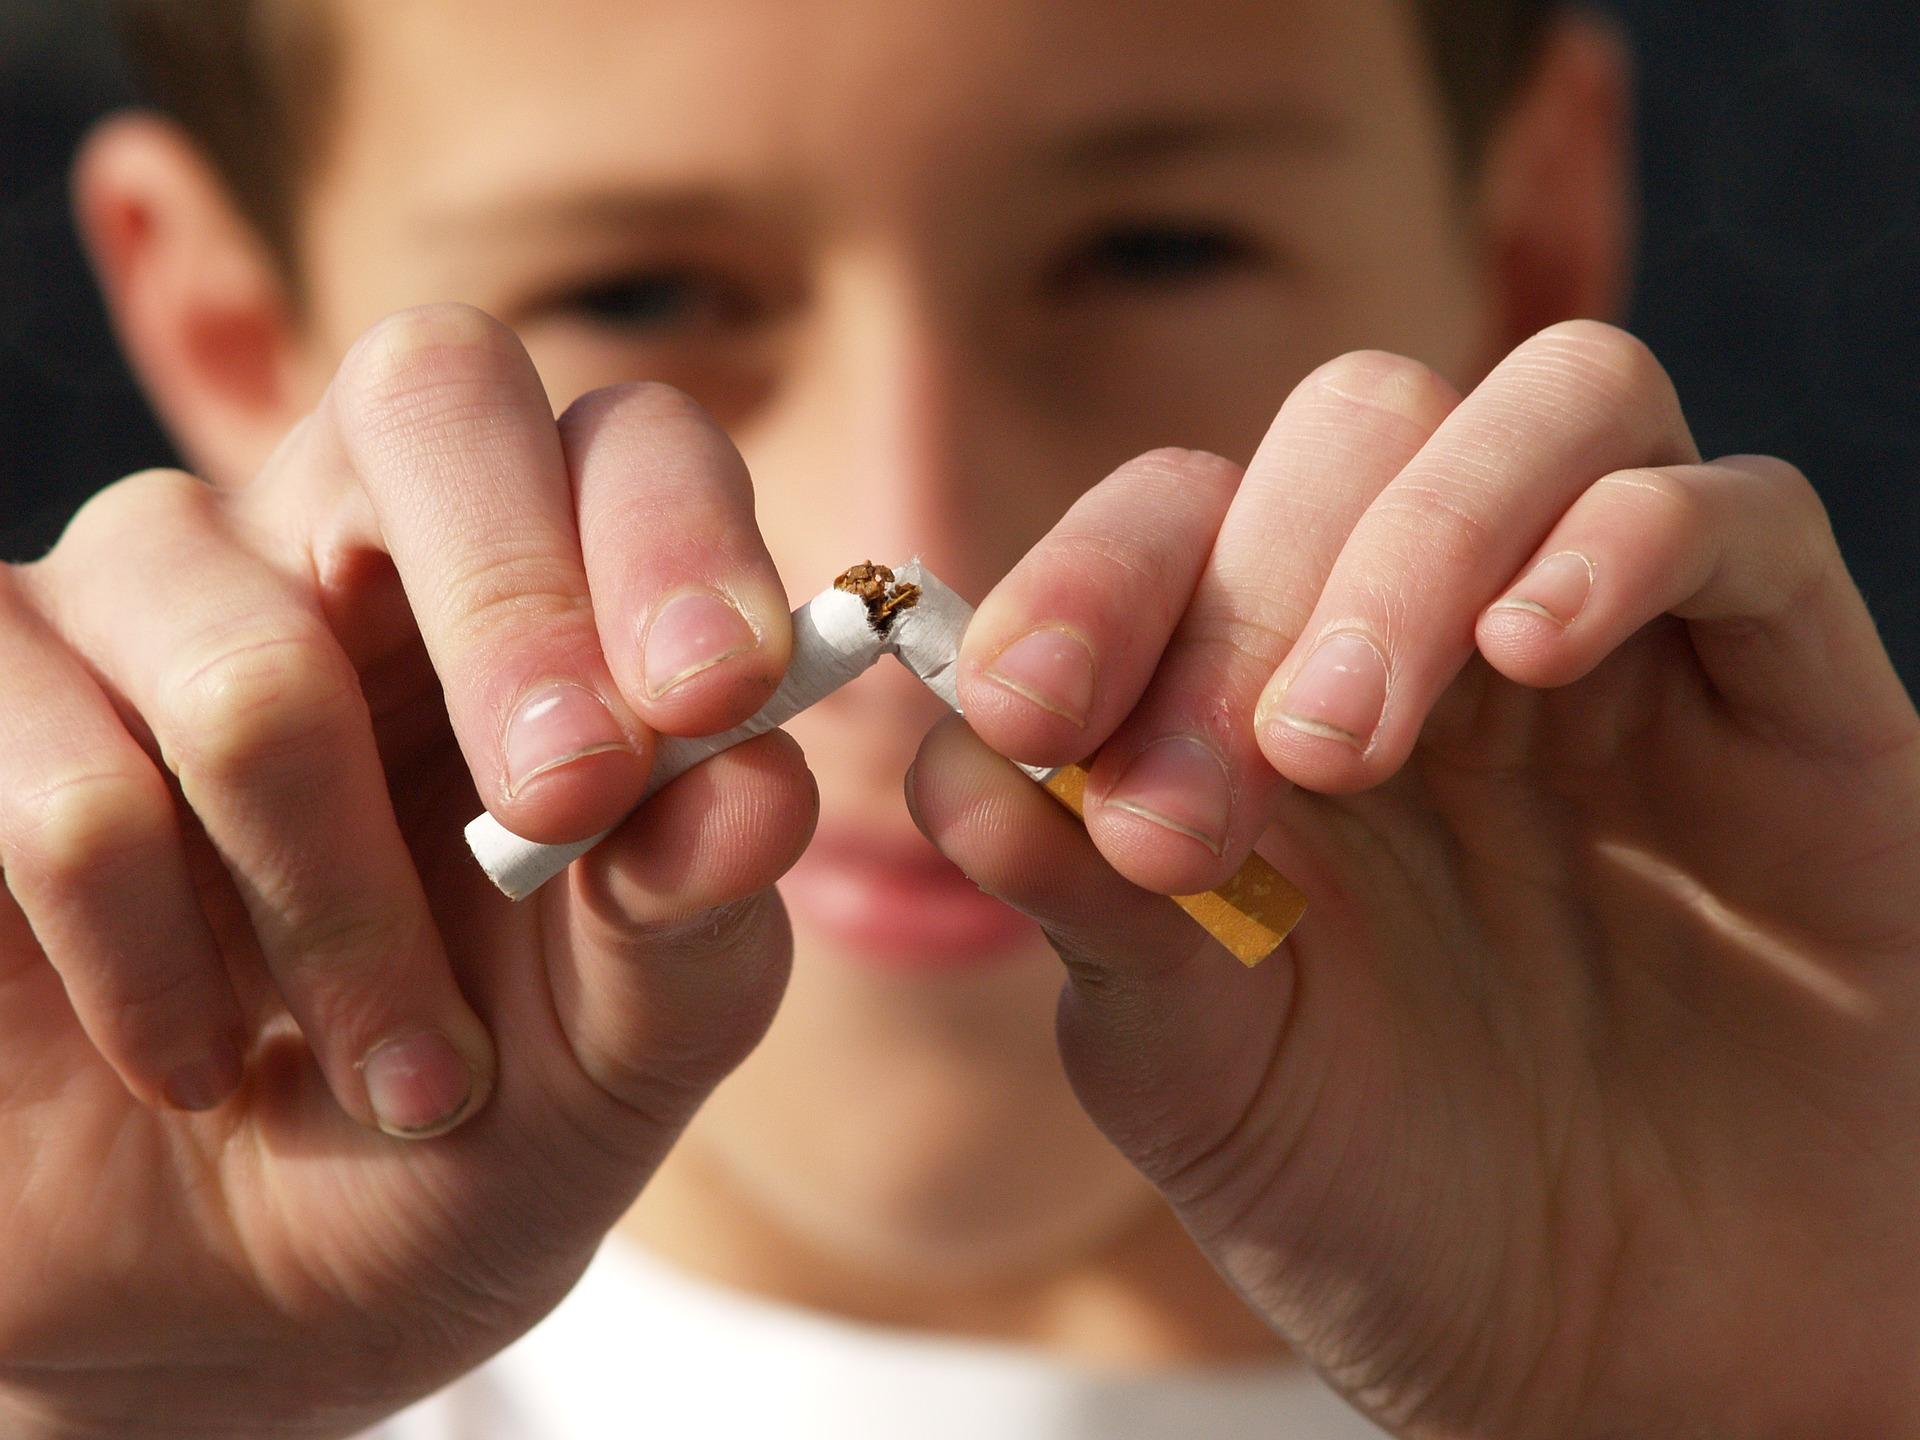 tabagismo e pigarro